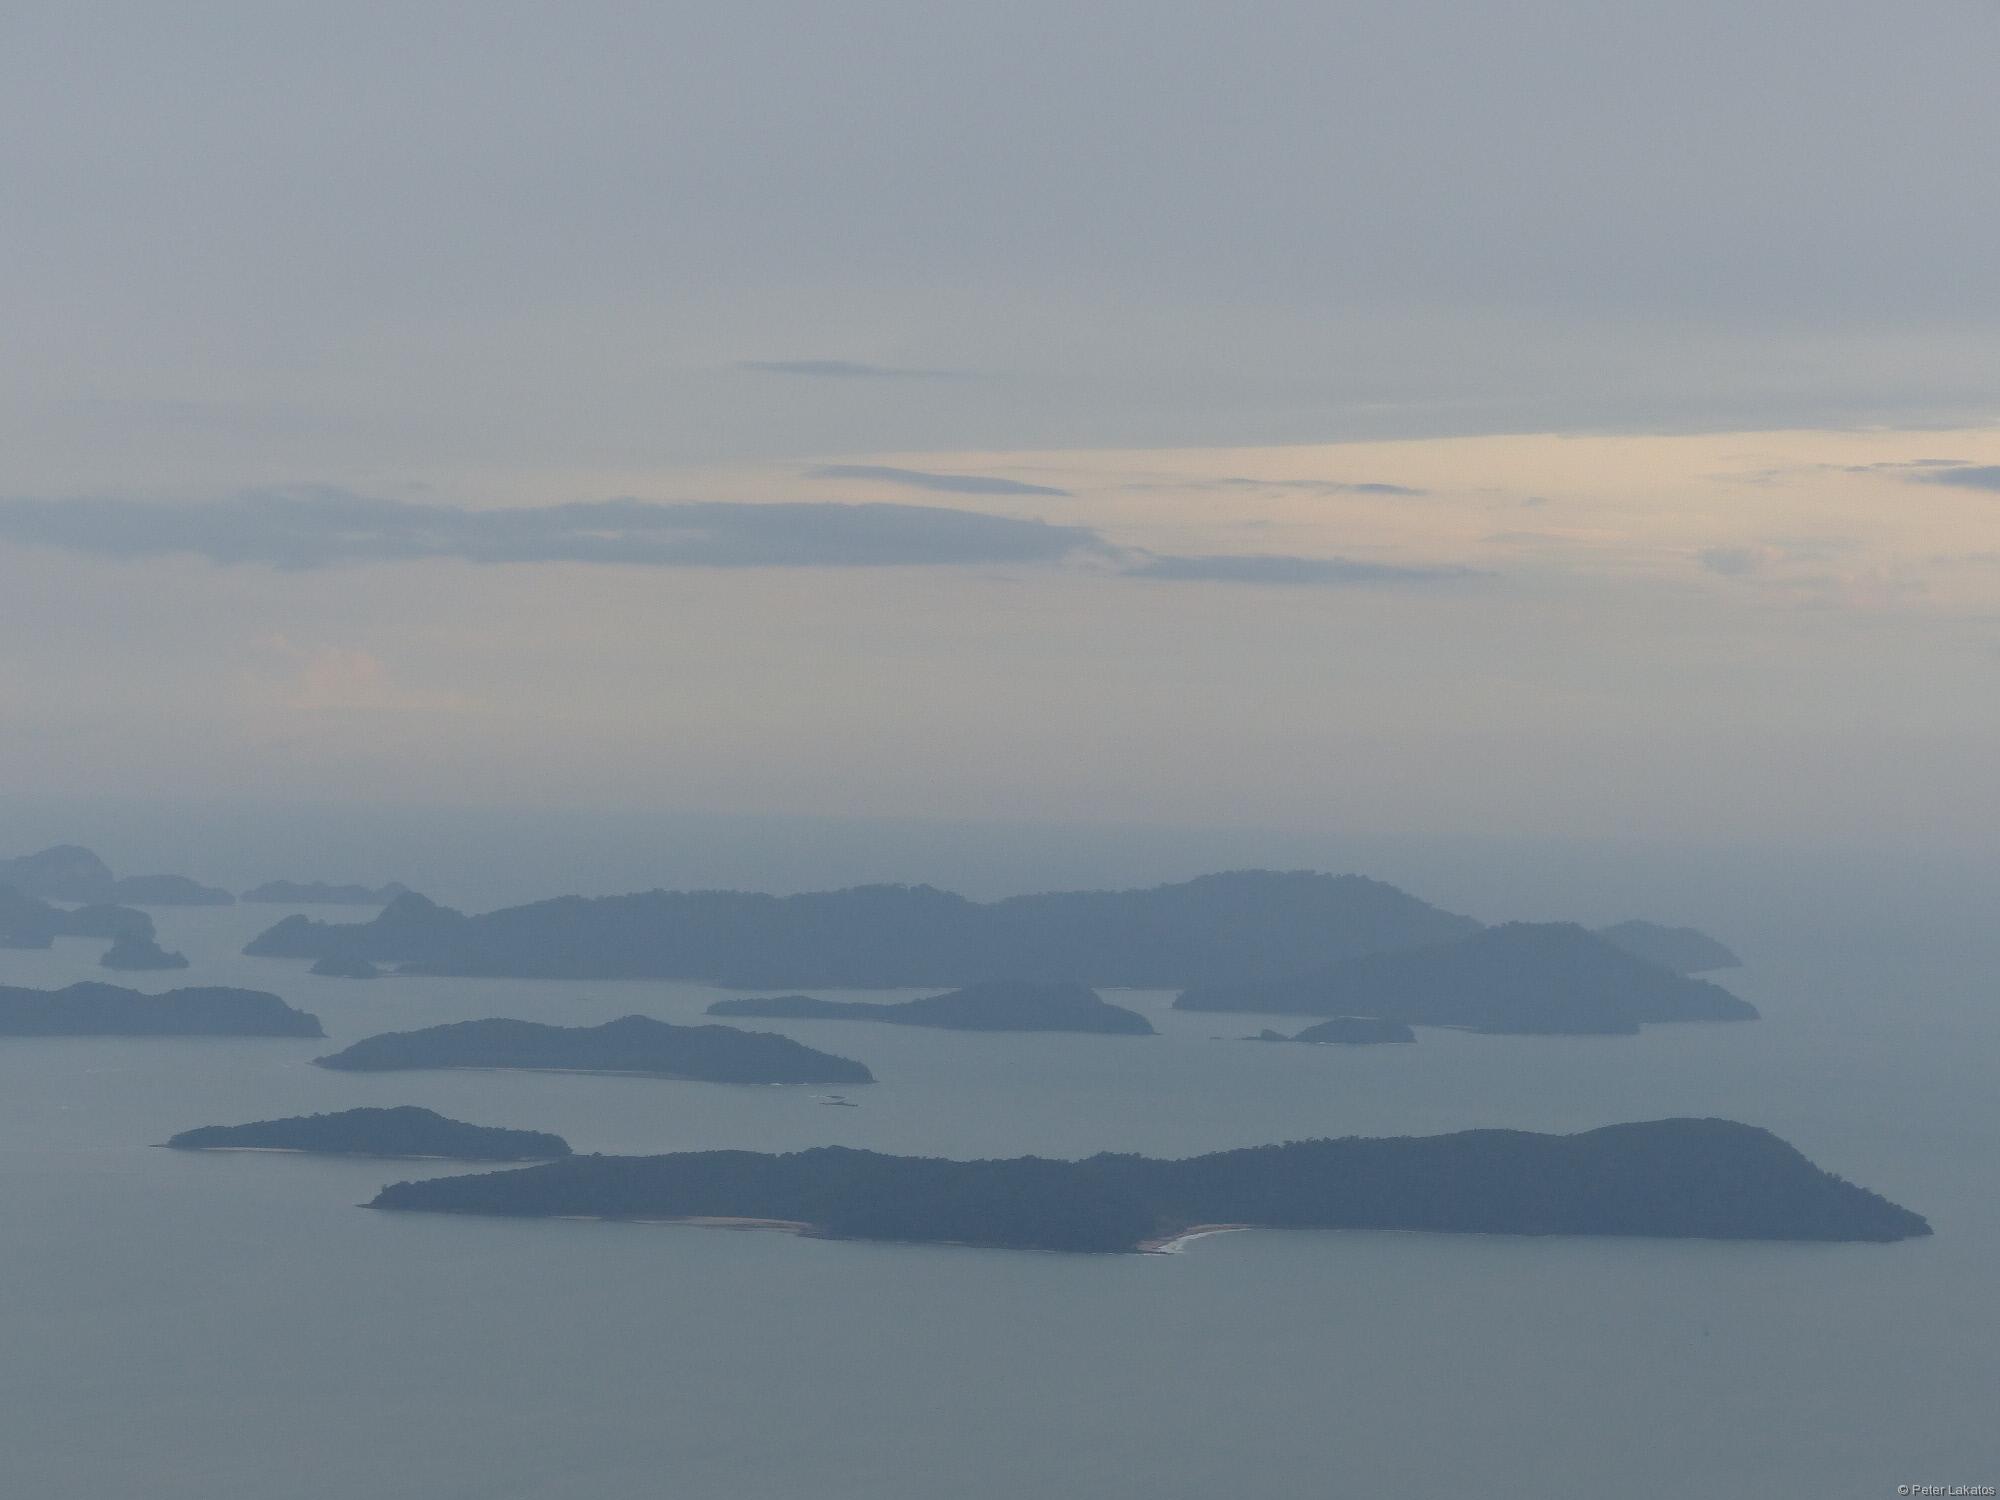 Das Meer konnte man sehen, Thailand nicht